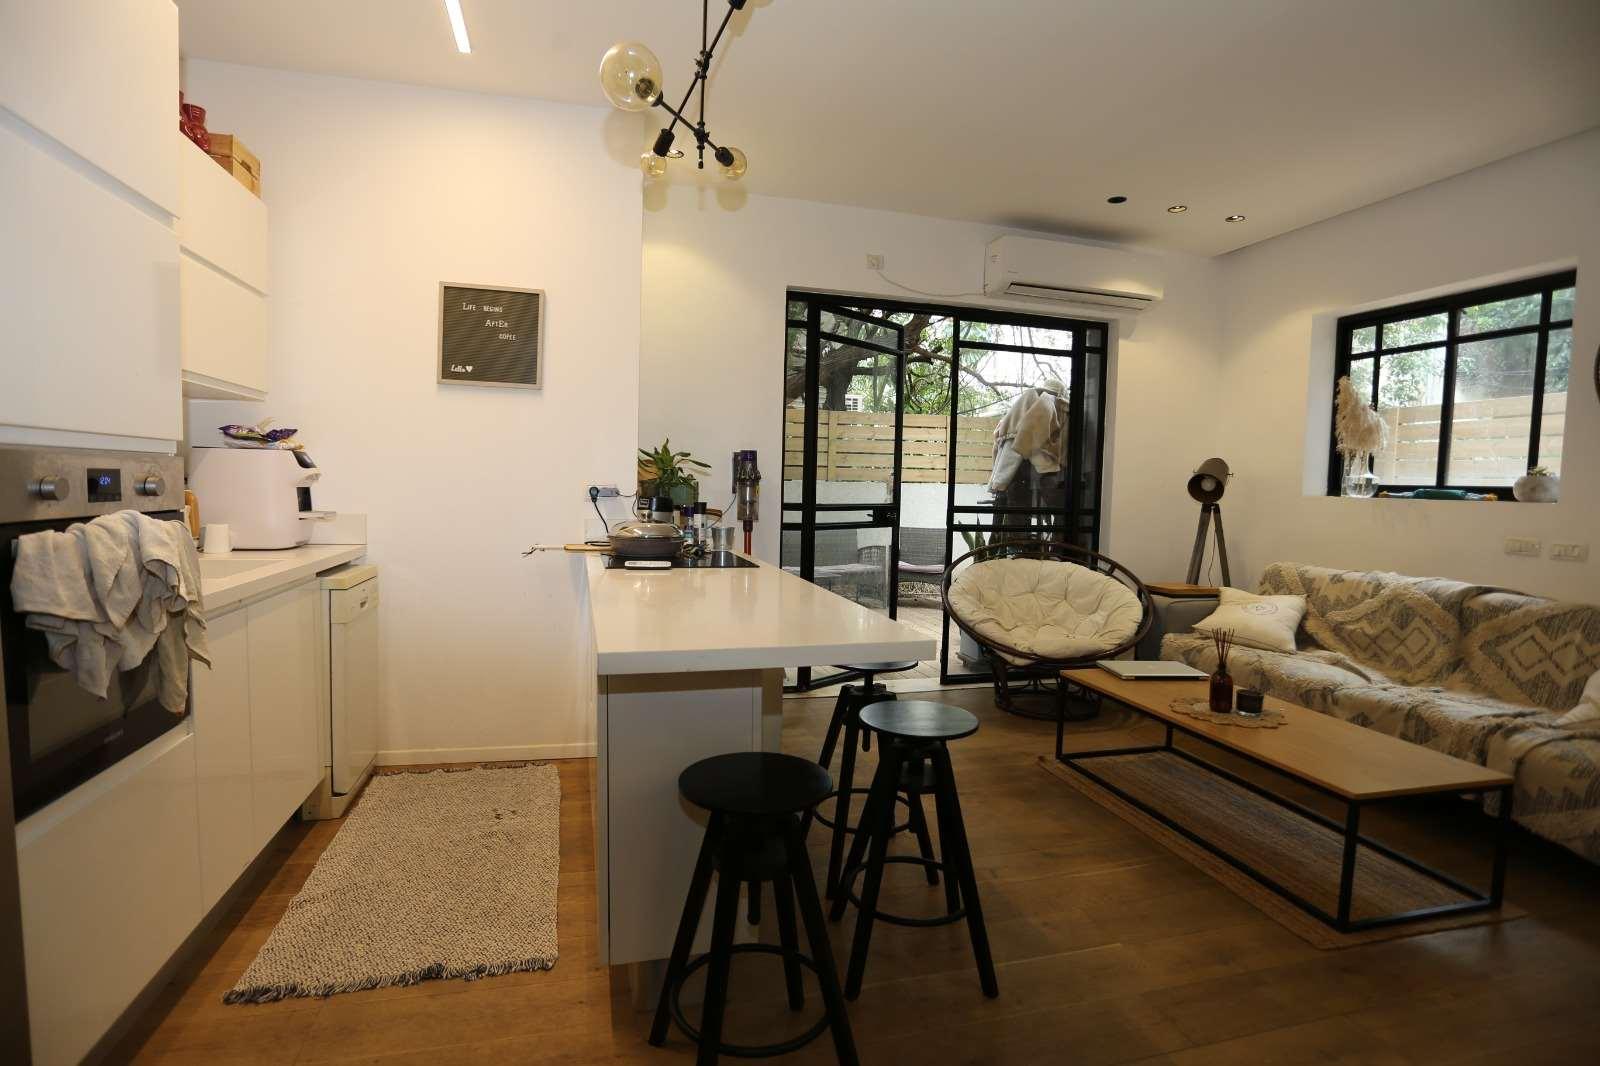 דירה למכירה 3 חדרים בתל אביב יפו הצפון הישן דיזנגוף